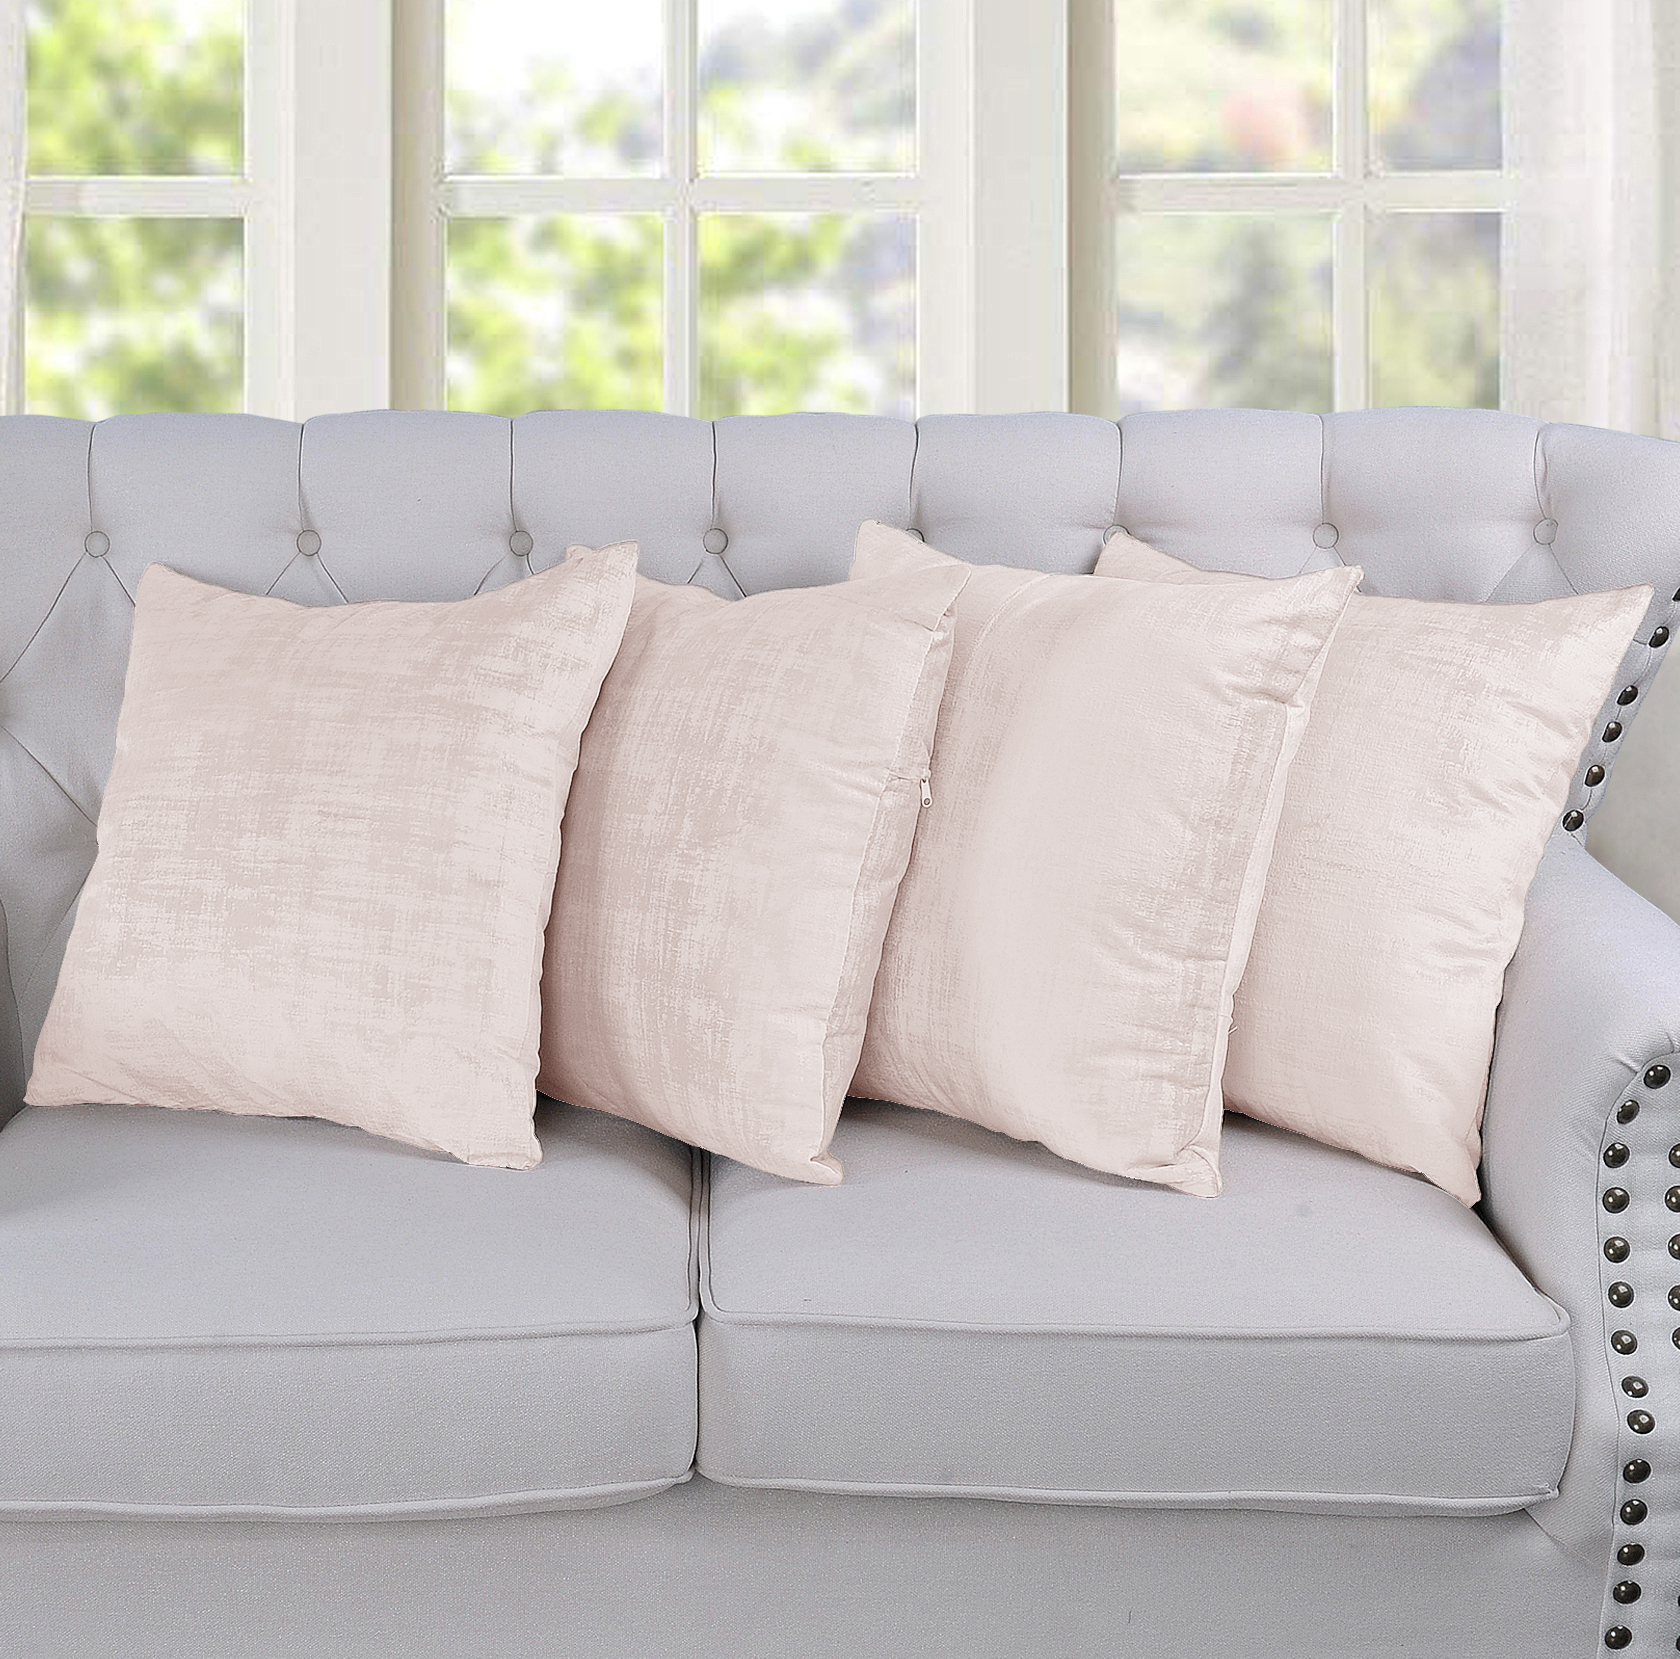 Serenta Textured Velvet 4 Piece Pillow Shell Set